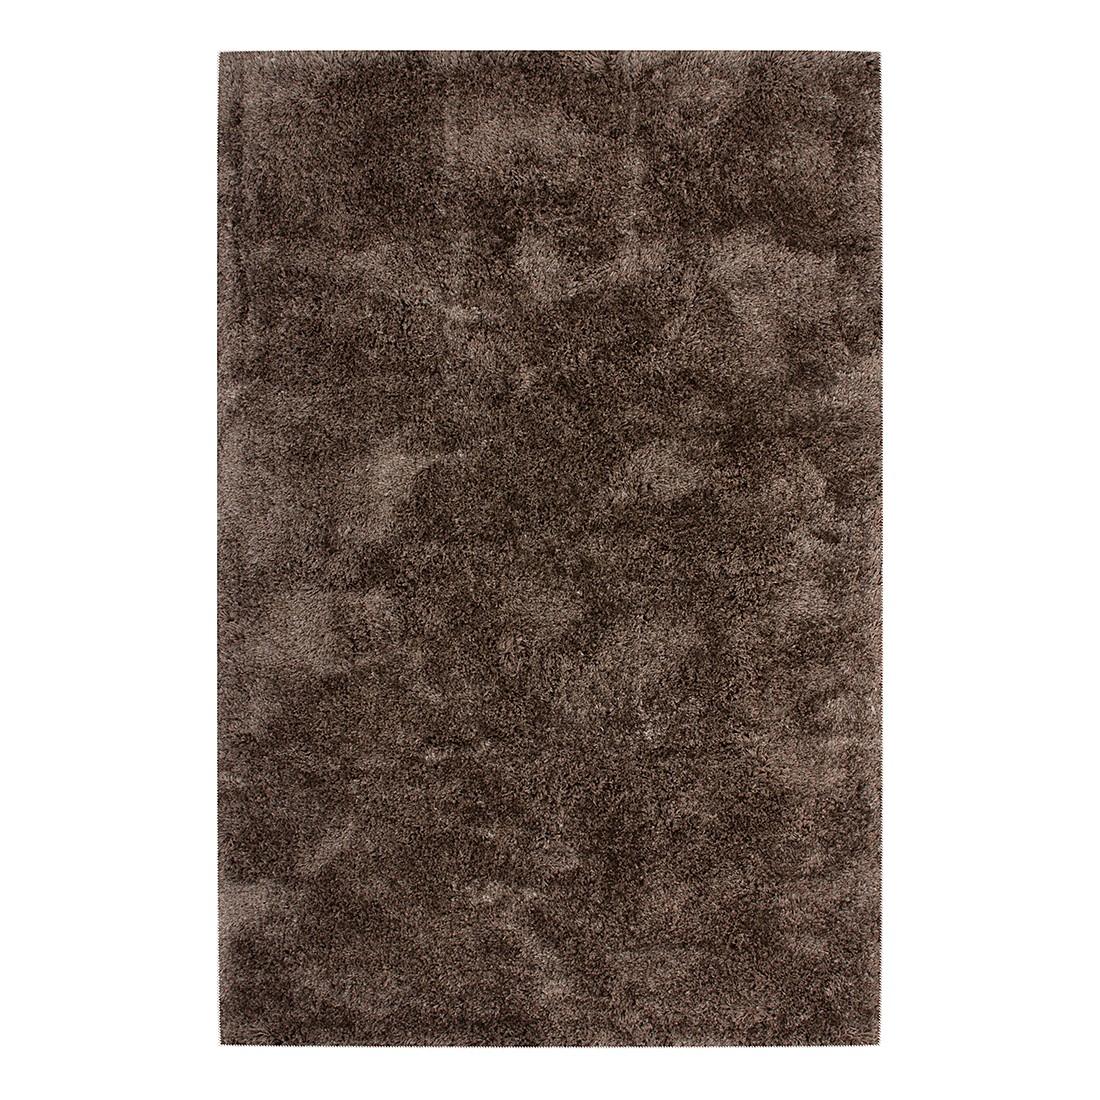 teppich monaco braun 140 x 200 cm kayoom jetzt kaufen. Black Bedroom Furniture Sets. Home Design Ideas